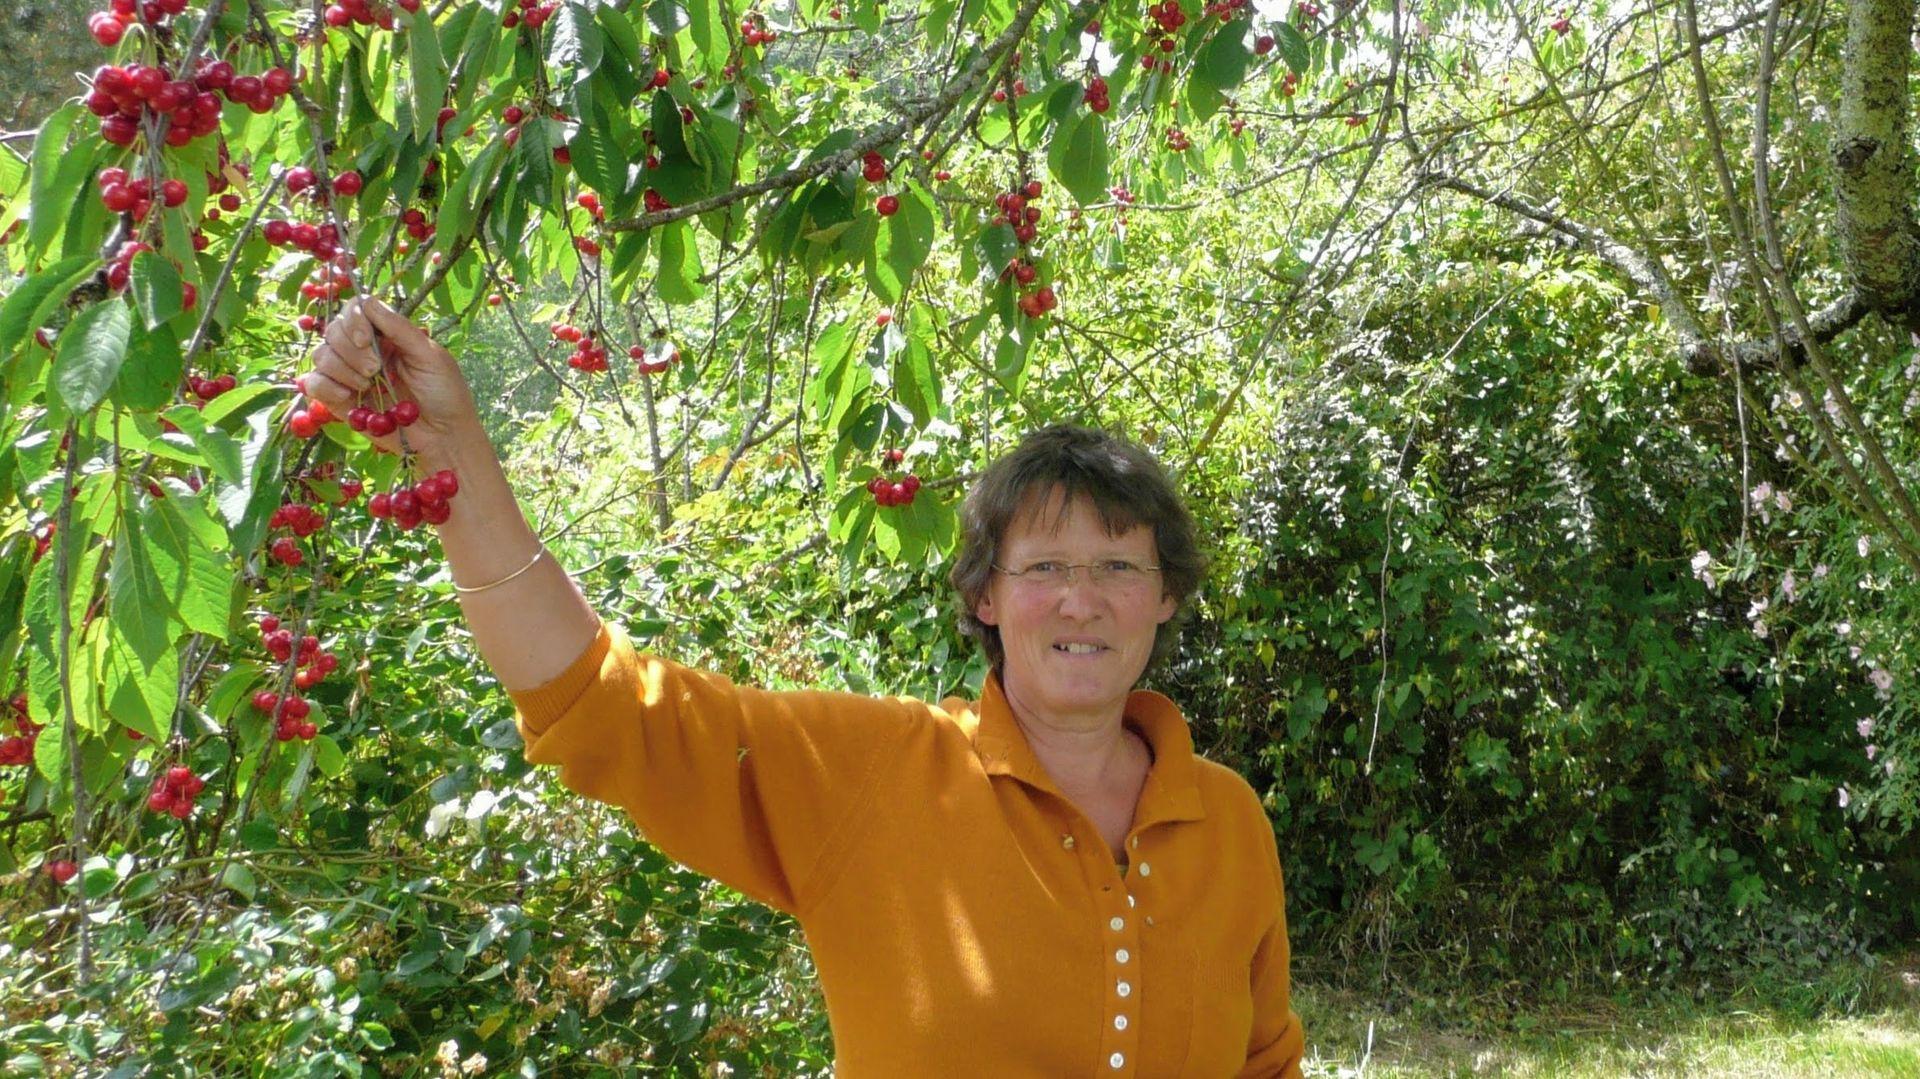 Notre equipe de jardiniers paysagistes jardins des bastides for Jardiniers paysagistes